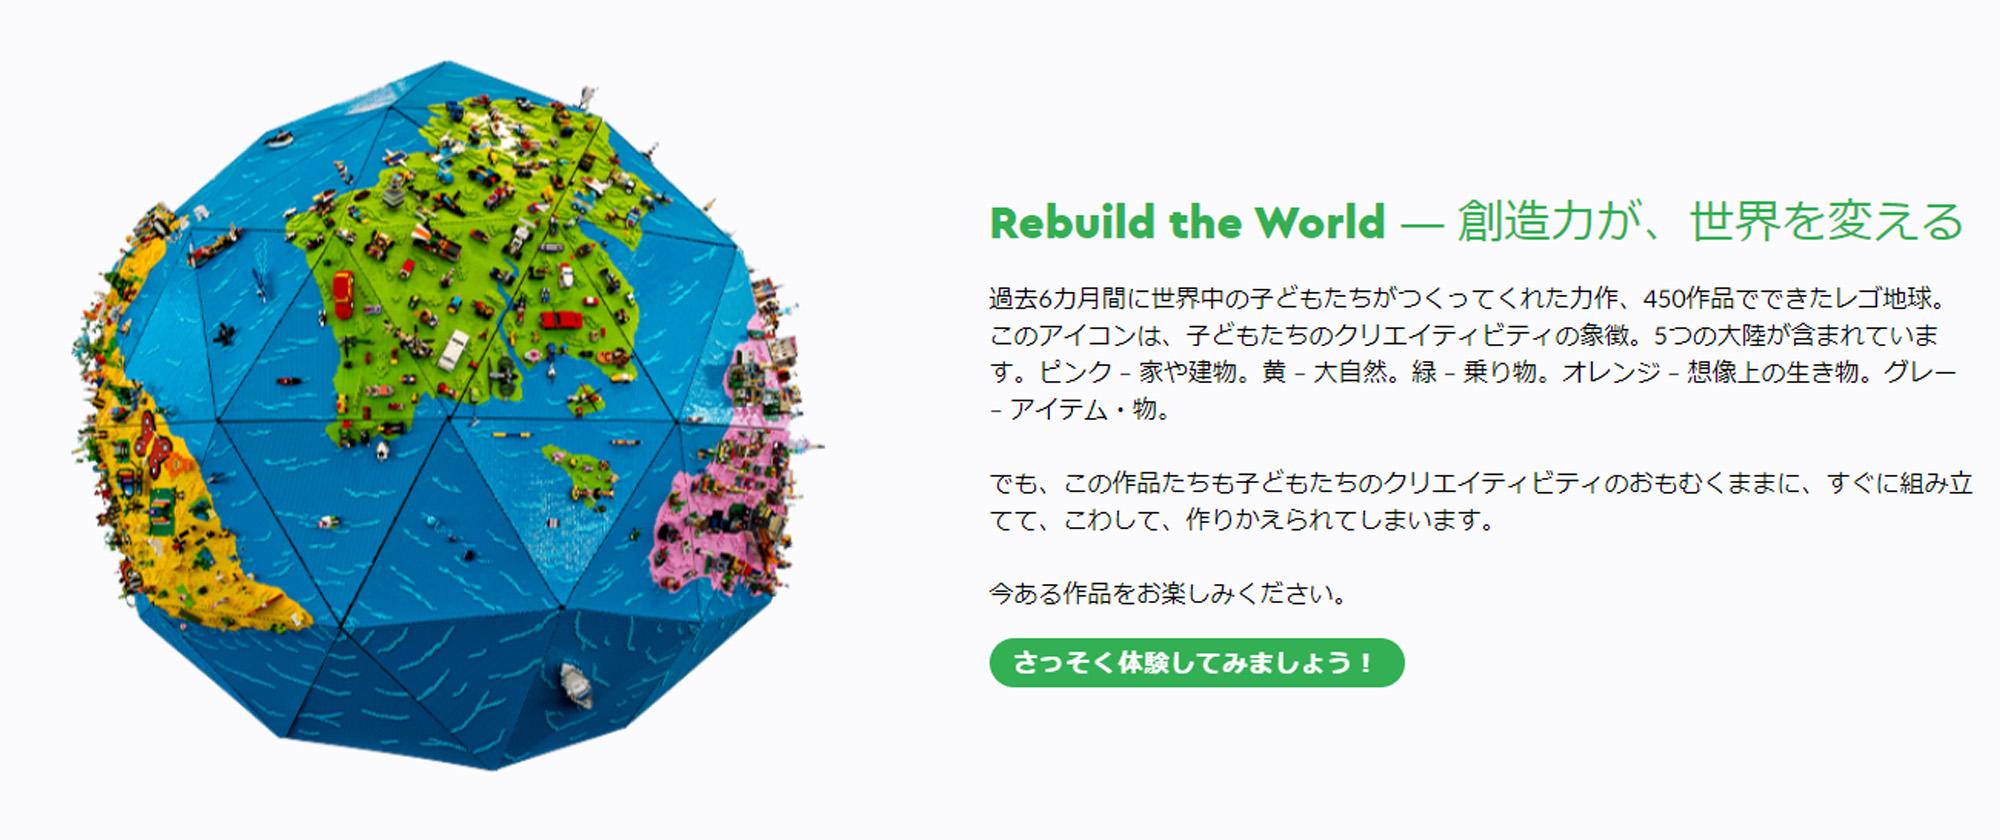 君のレゴ作品が新聞広告に掲載されるかも!みんなのレゴユニコーンに参加しよう!リビルド・ザ・ワールド・キャンペーン